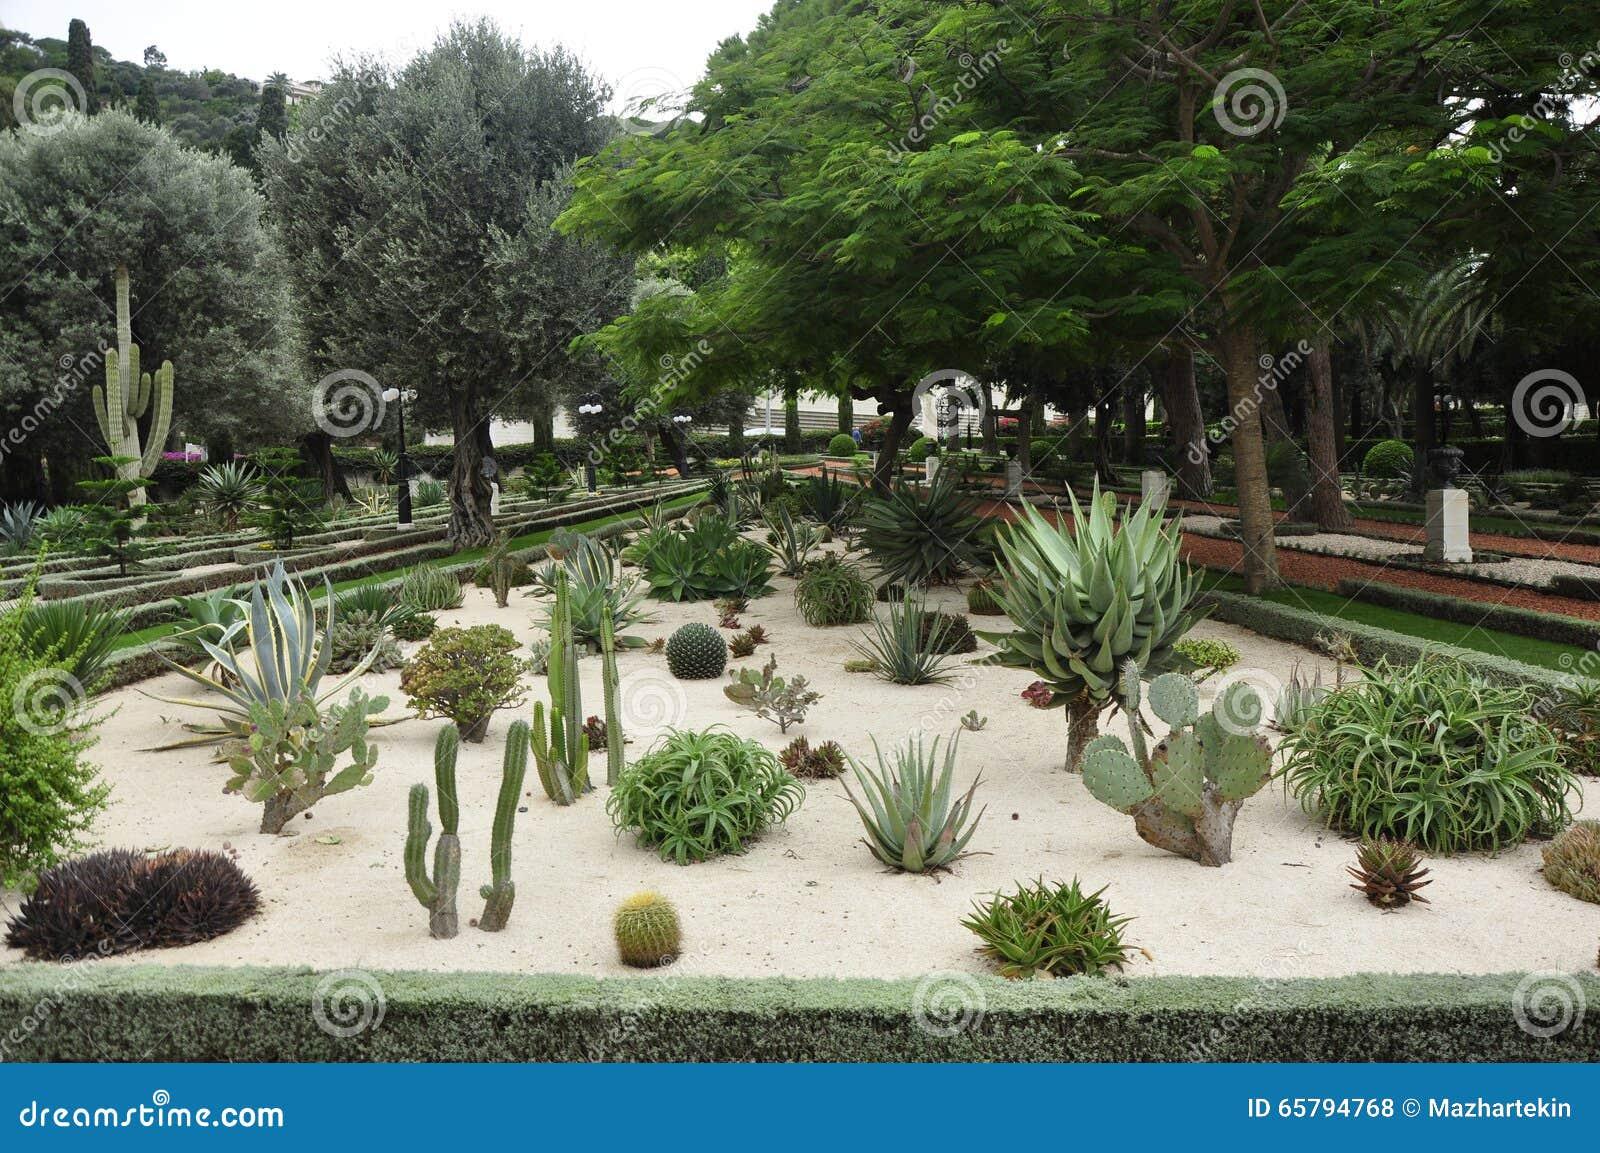 Mini cactus garden in stock photo image of mini assorted for Jardines con cactus